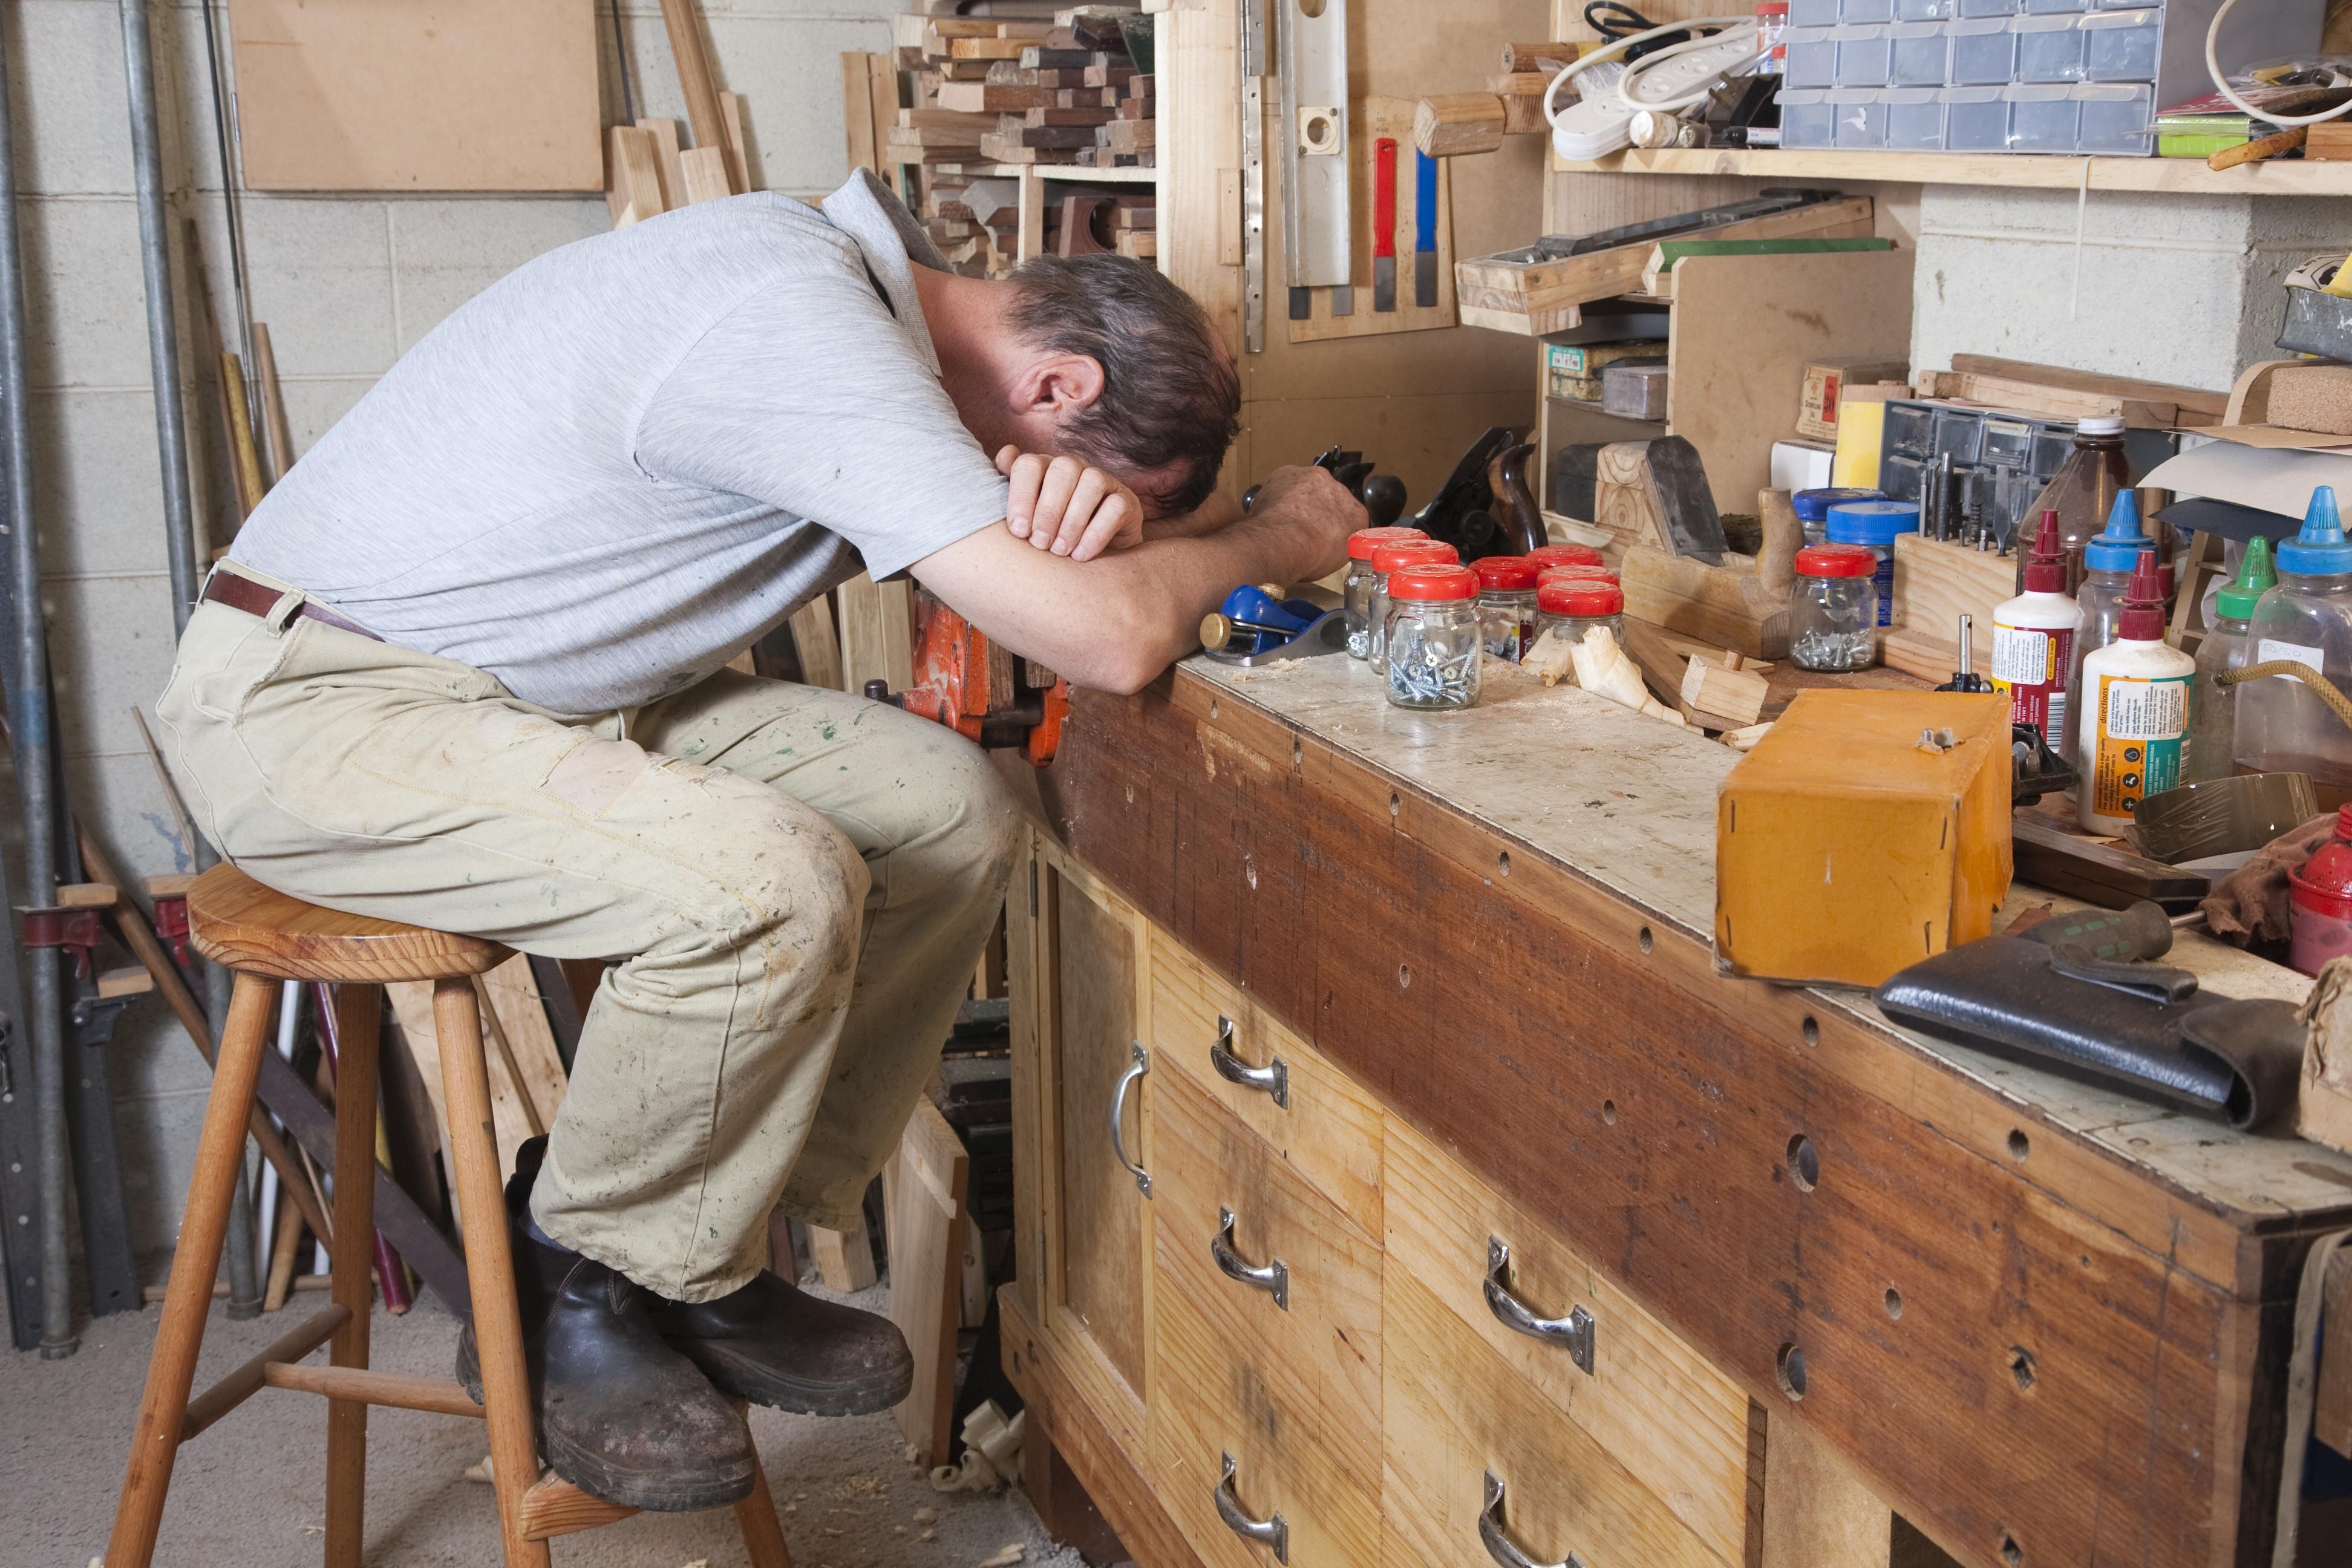 sleepy_man_in_woodshop.jpg